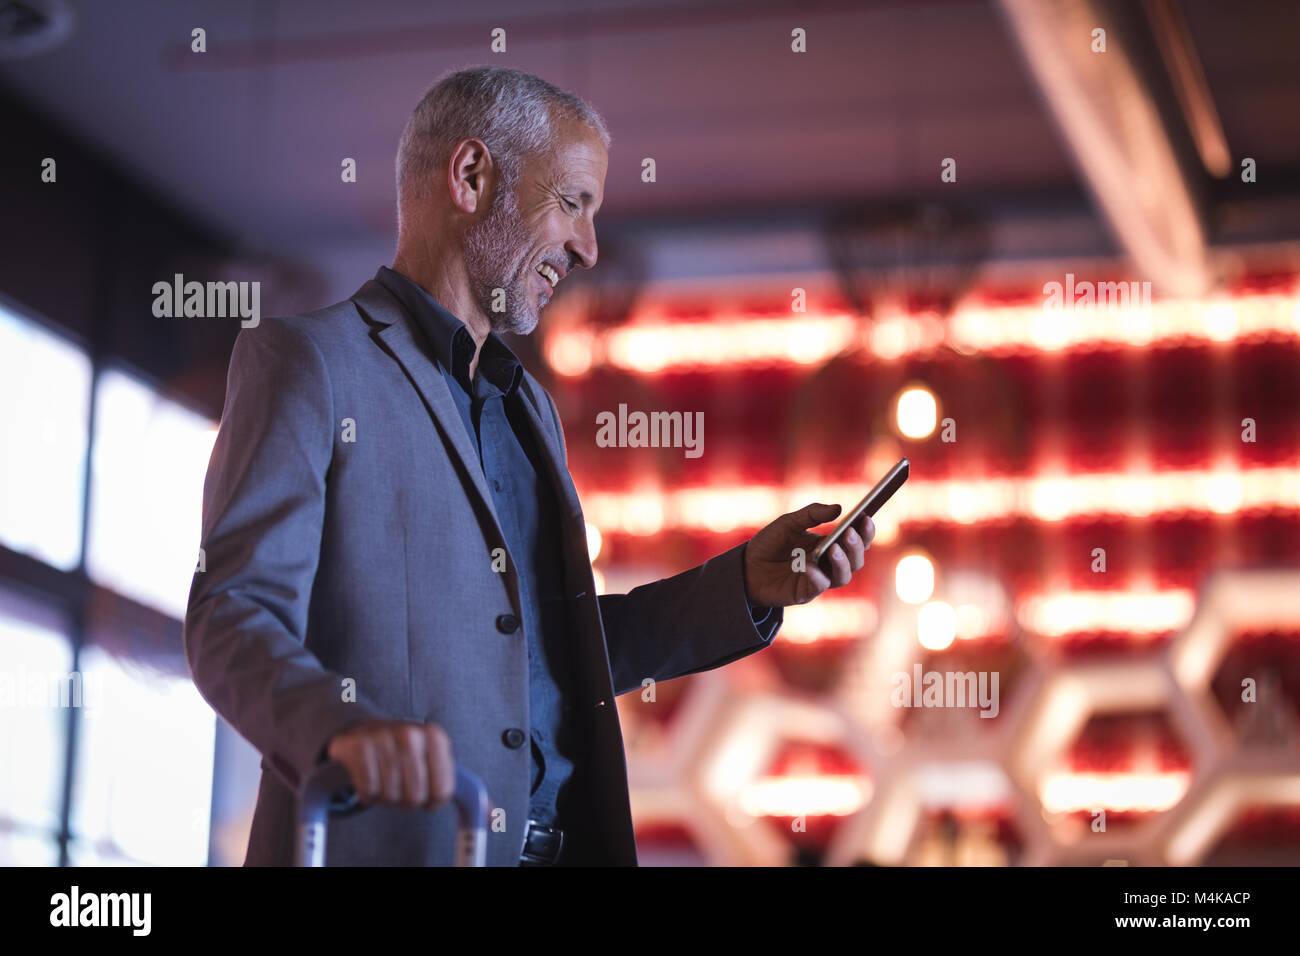 Empresario utilizando smart phone mientras entraban en el hotel Imagen De Stock